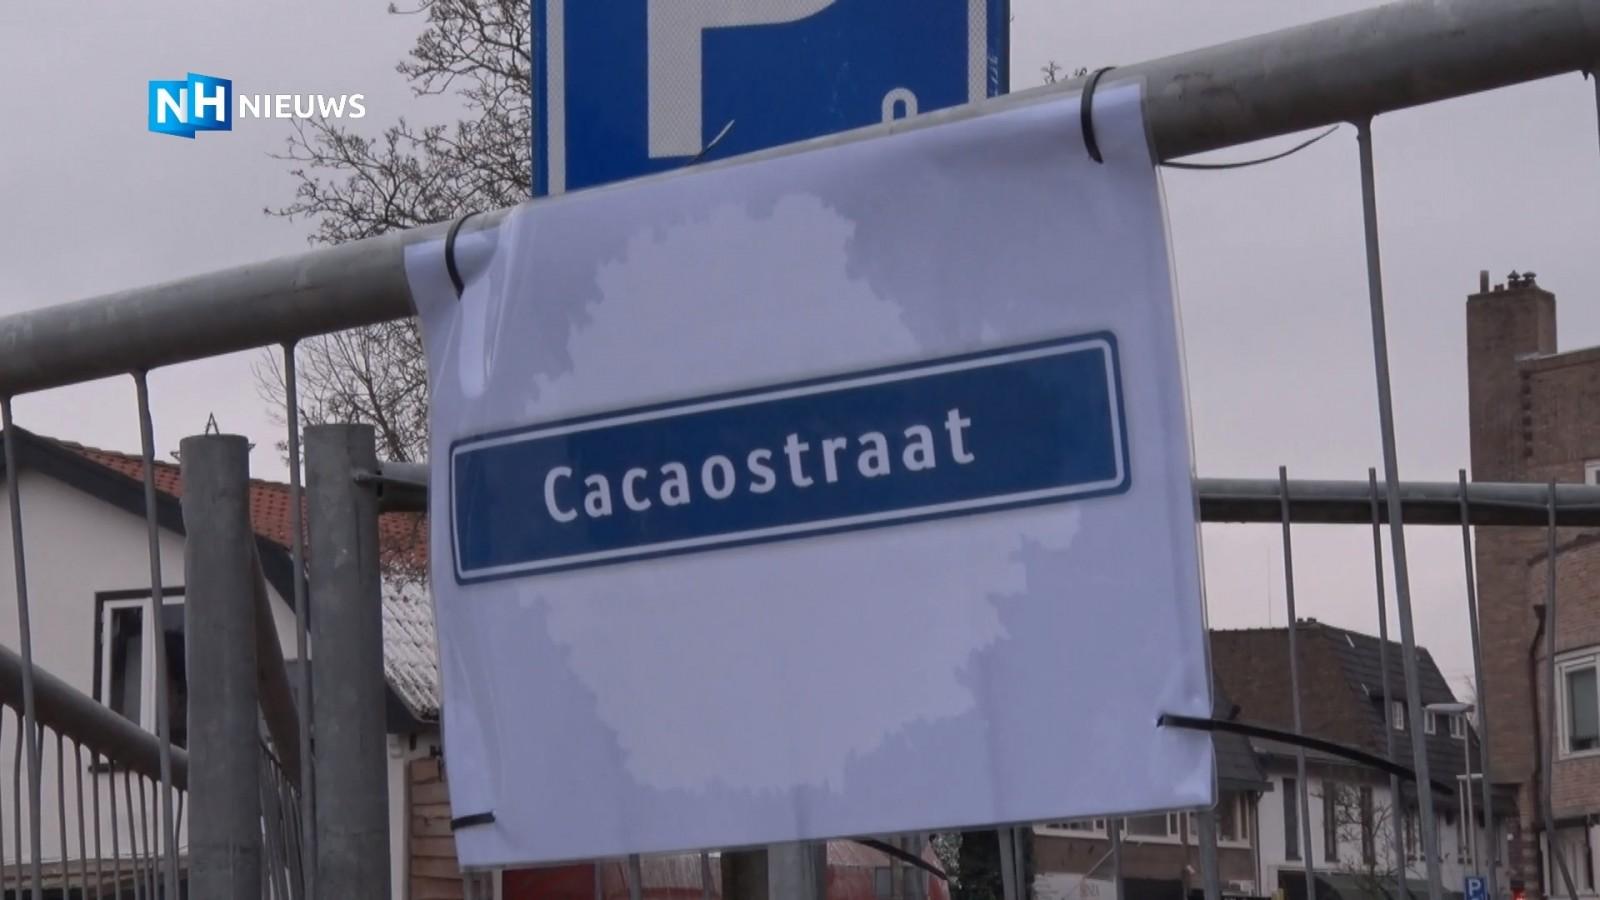 """Bussumse Cacaostraat ligt in niemandsland: """"Niemand weet ons te vinden"""""""